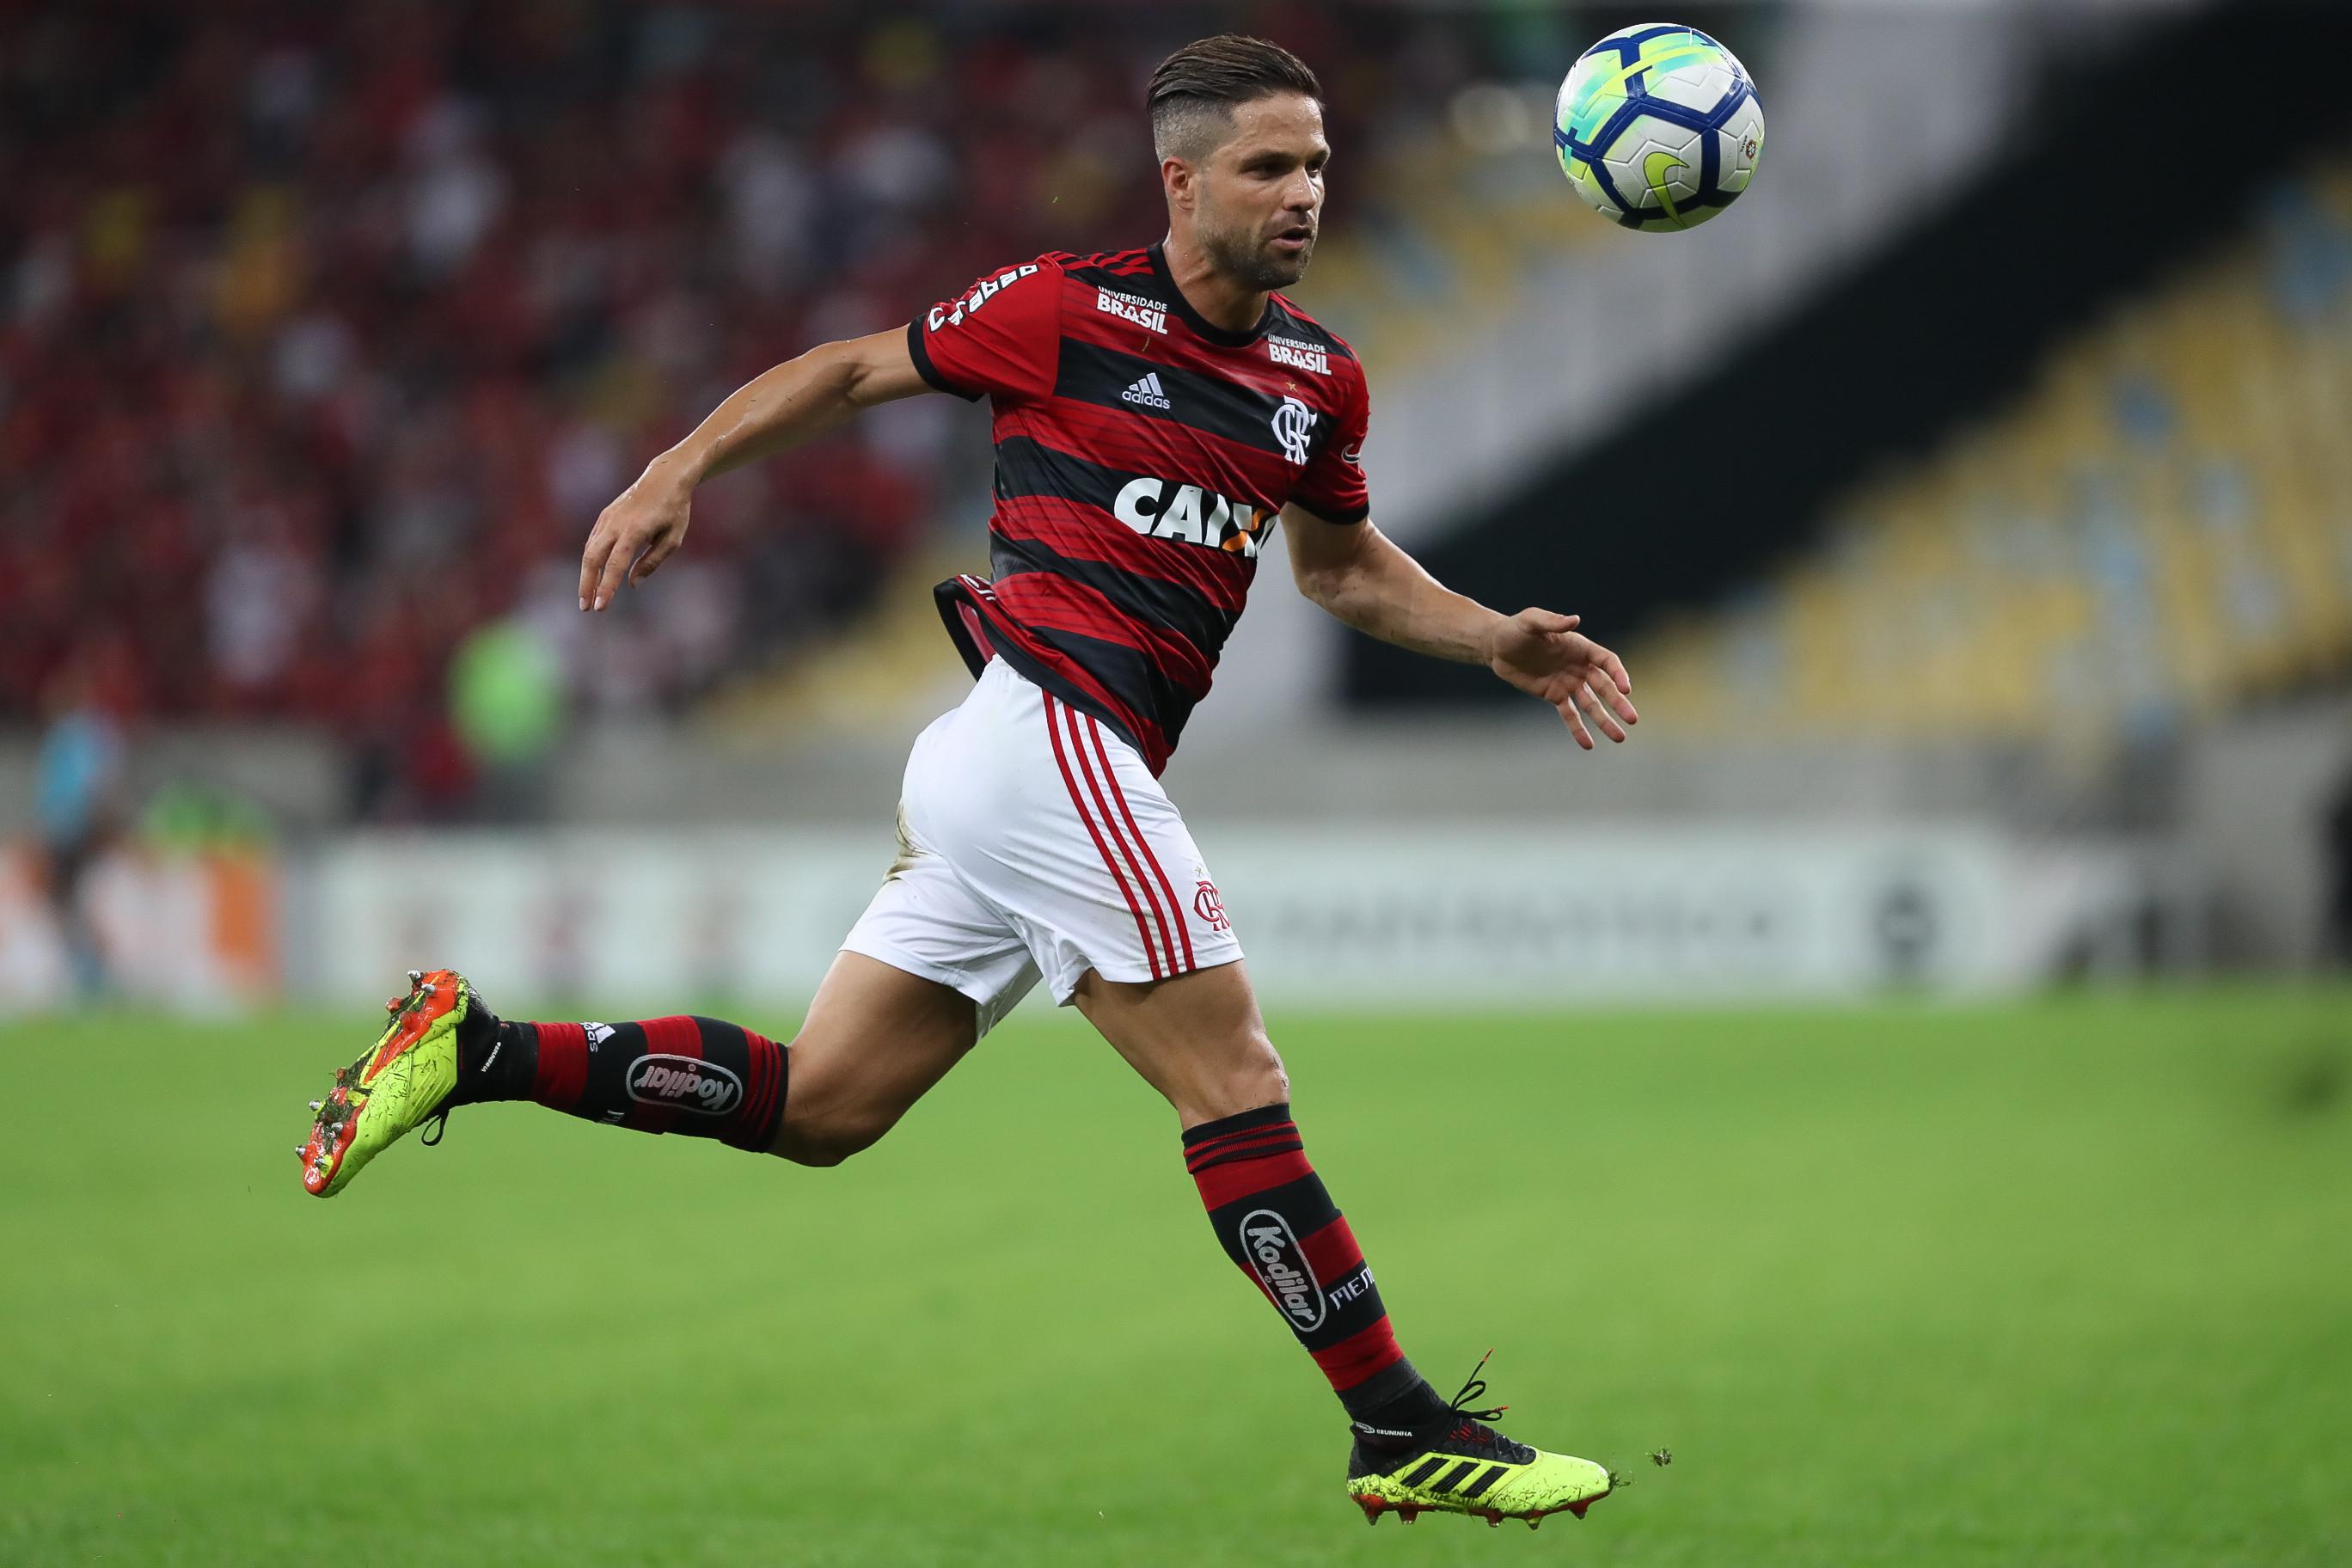 Após perder no meio de semana, Flamengo precisa vencer para se manter na ponta da tabela